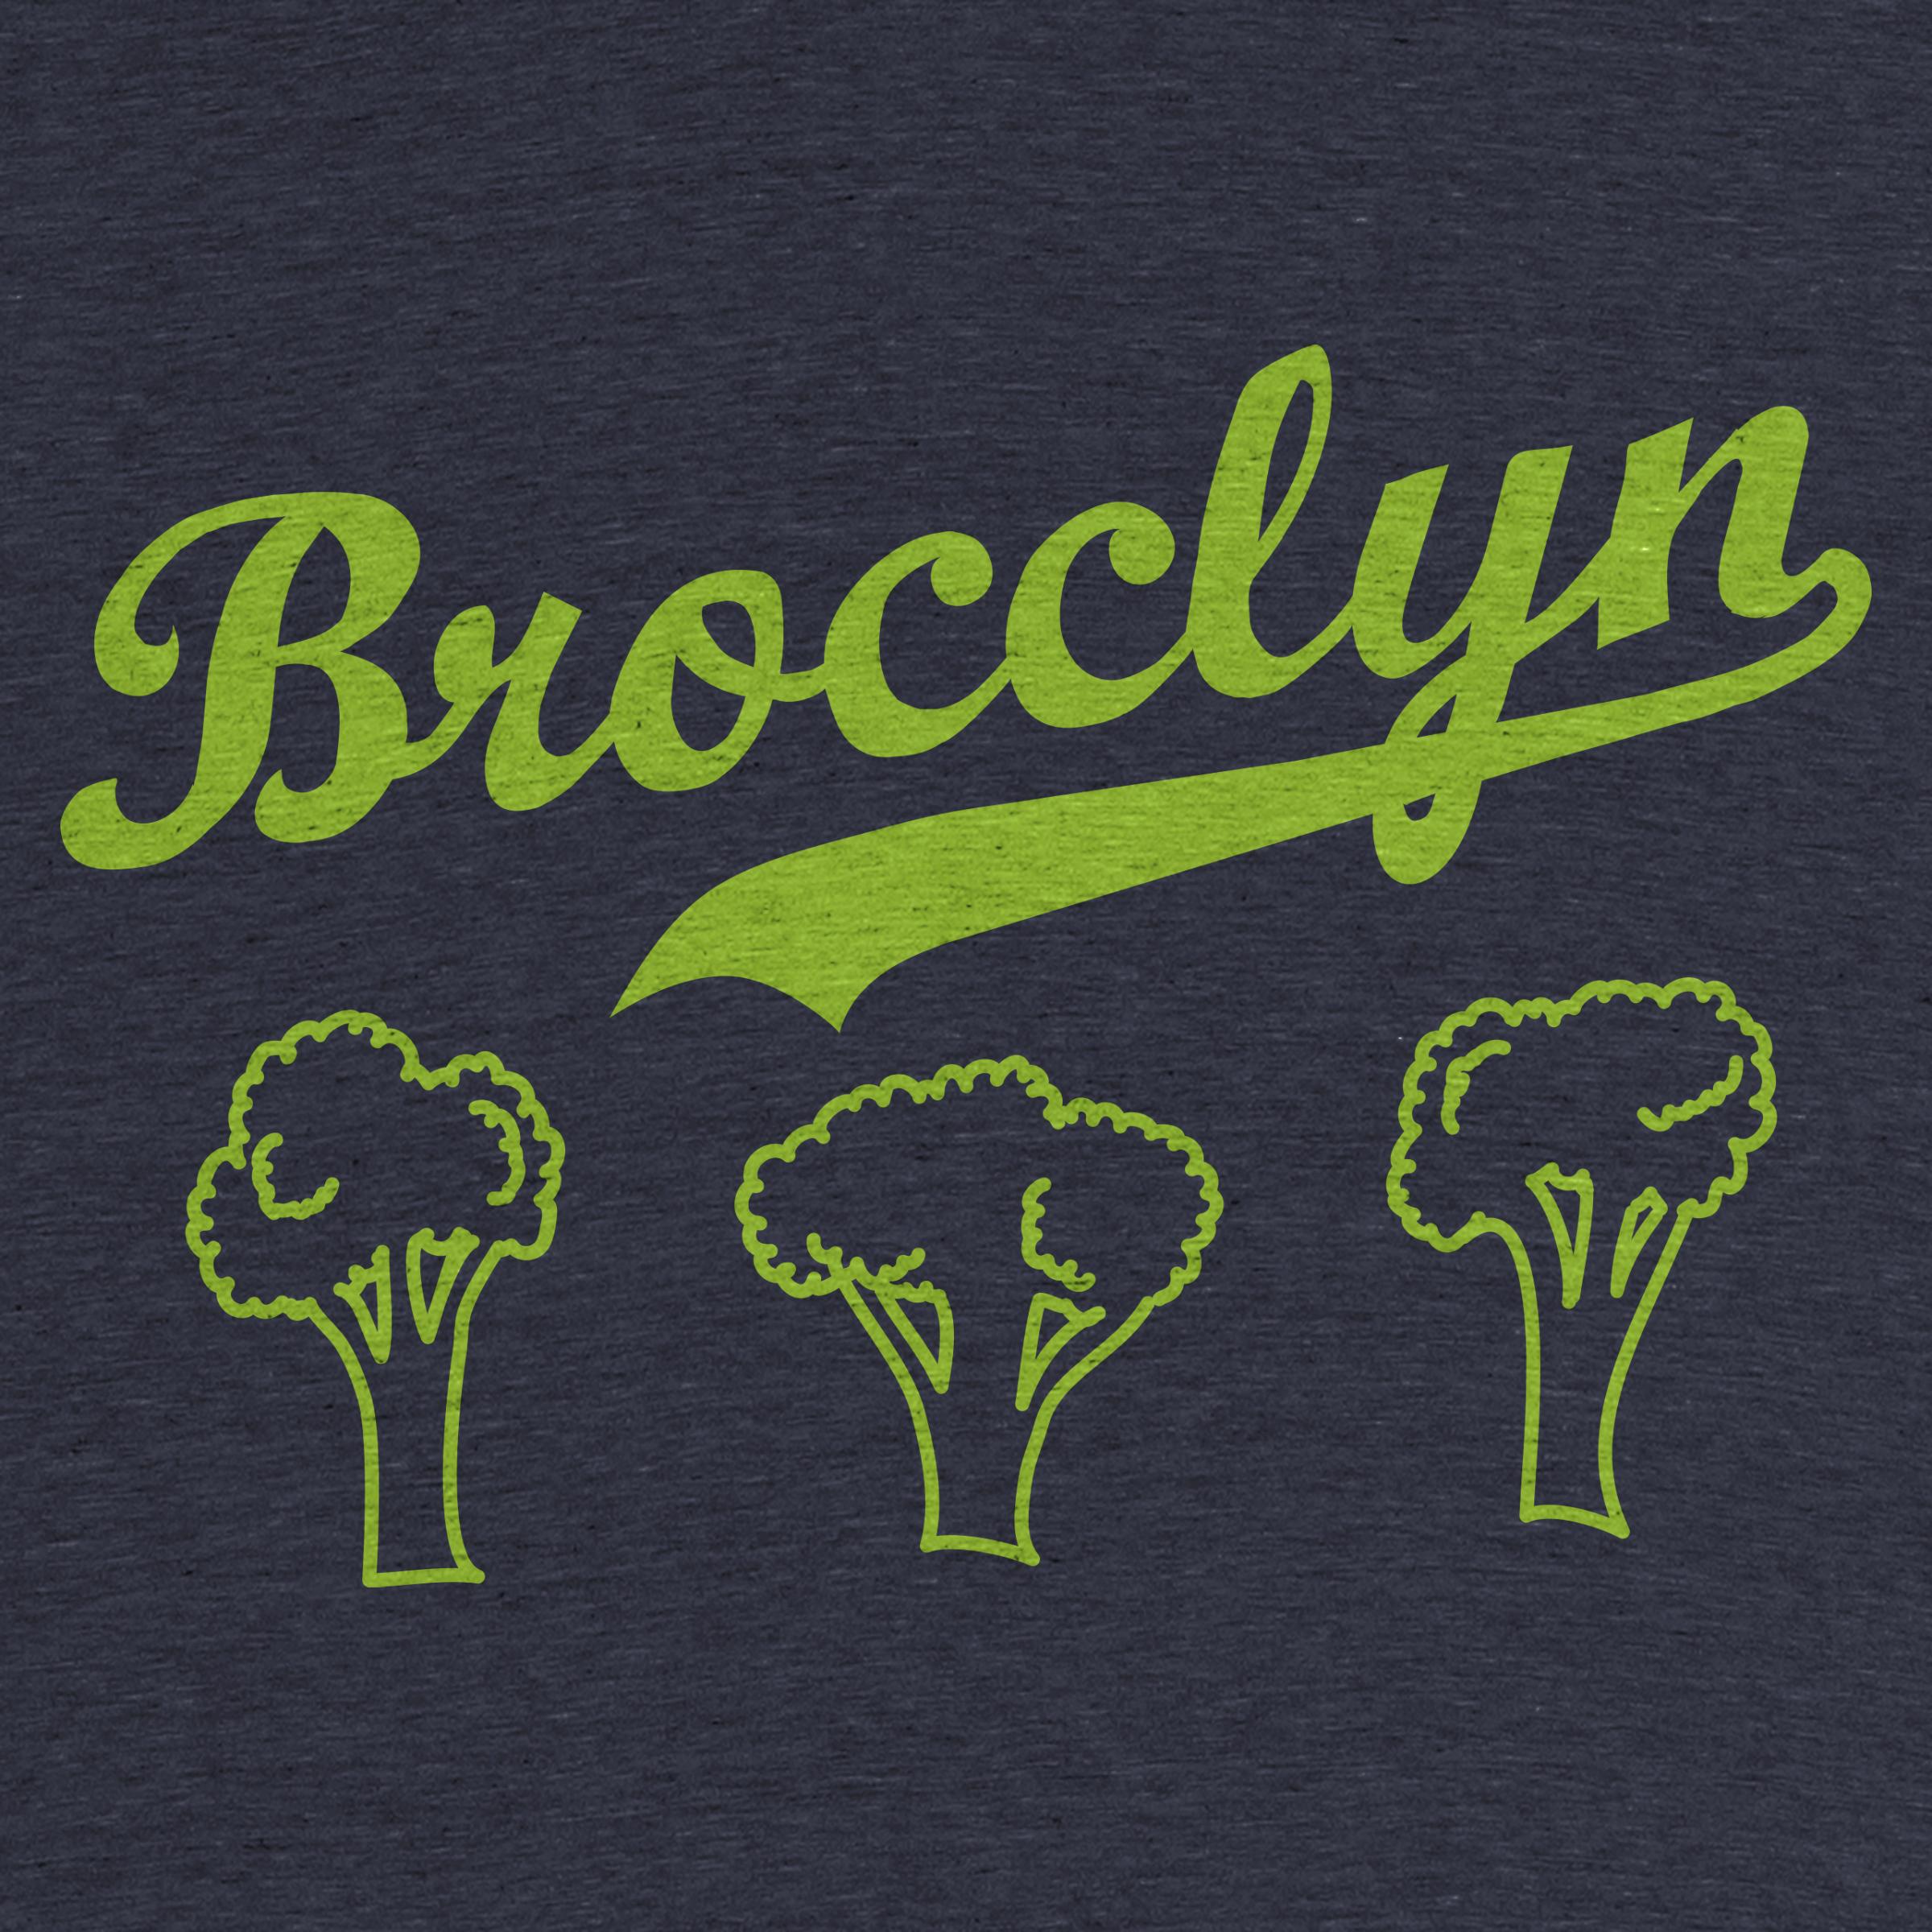 Brocclyn